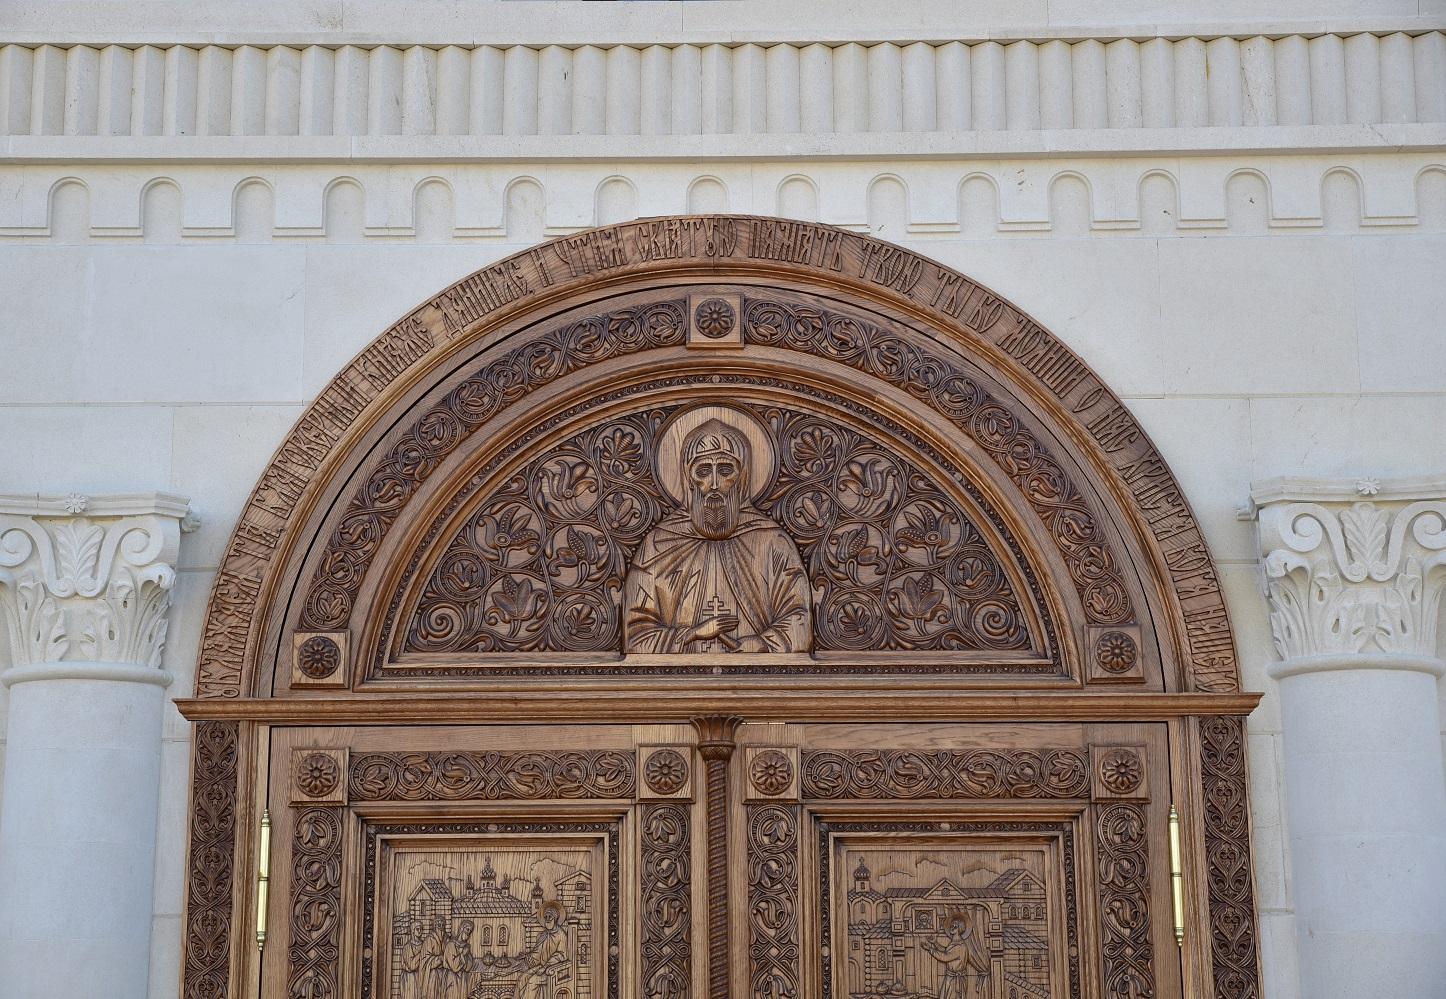 Храмовая дверь, Дверь в храм, Дверь с резыми иконами, резные иконы из дерева, Киот напольный, киот резной, изделия из дуба, церковная утварь, православие, христианство, убранство для храма, икона, резьба, византийский стиль, древневизантийский орнамент, орнамент, растительный орнамент, 3d,